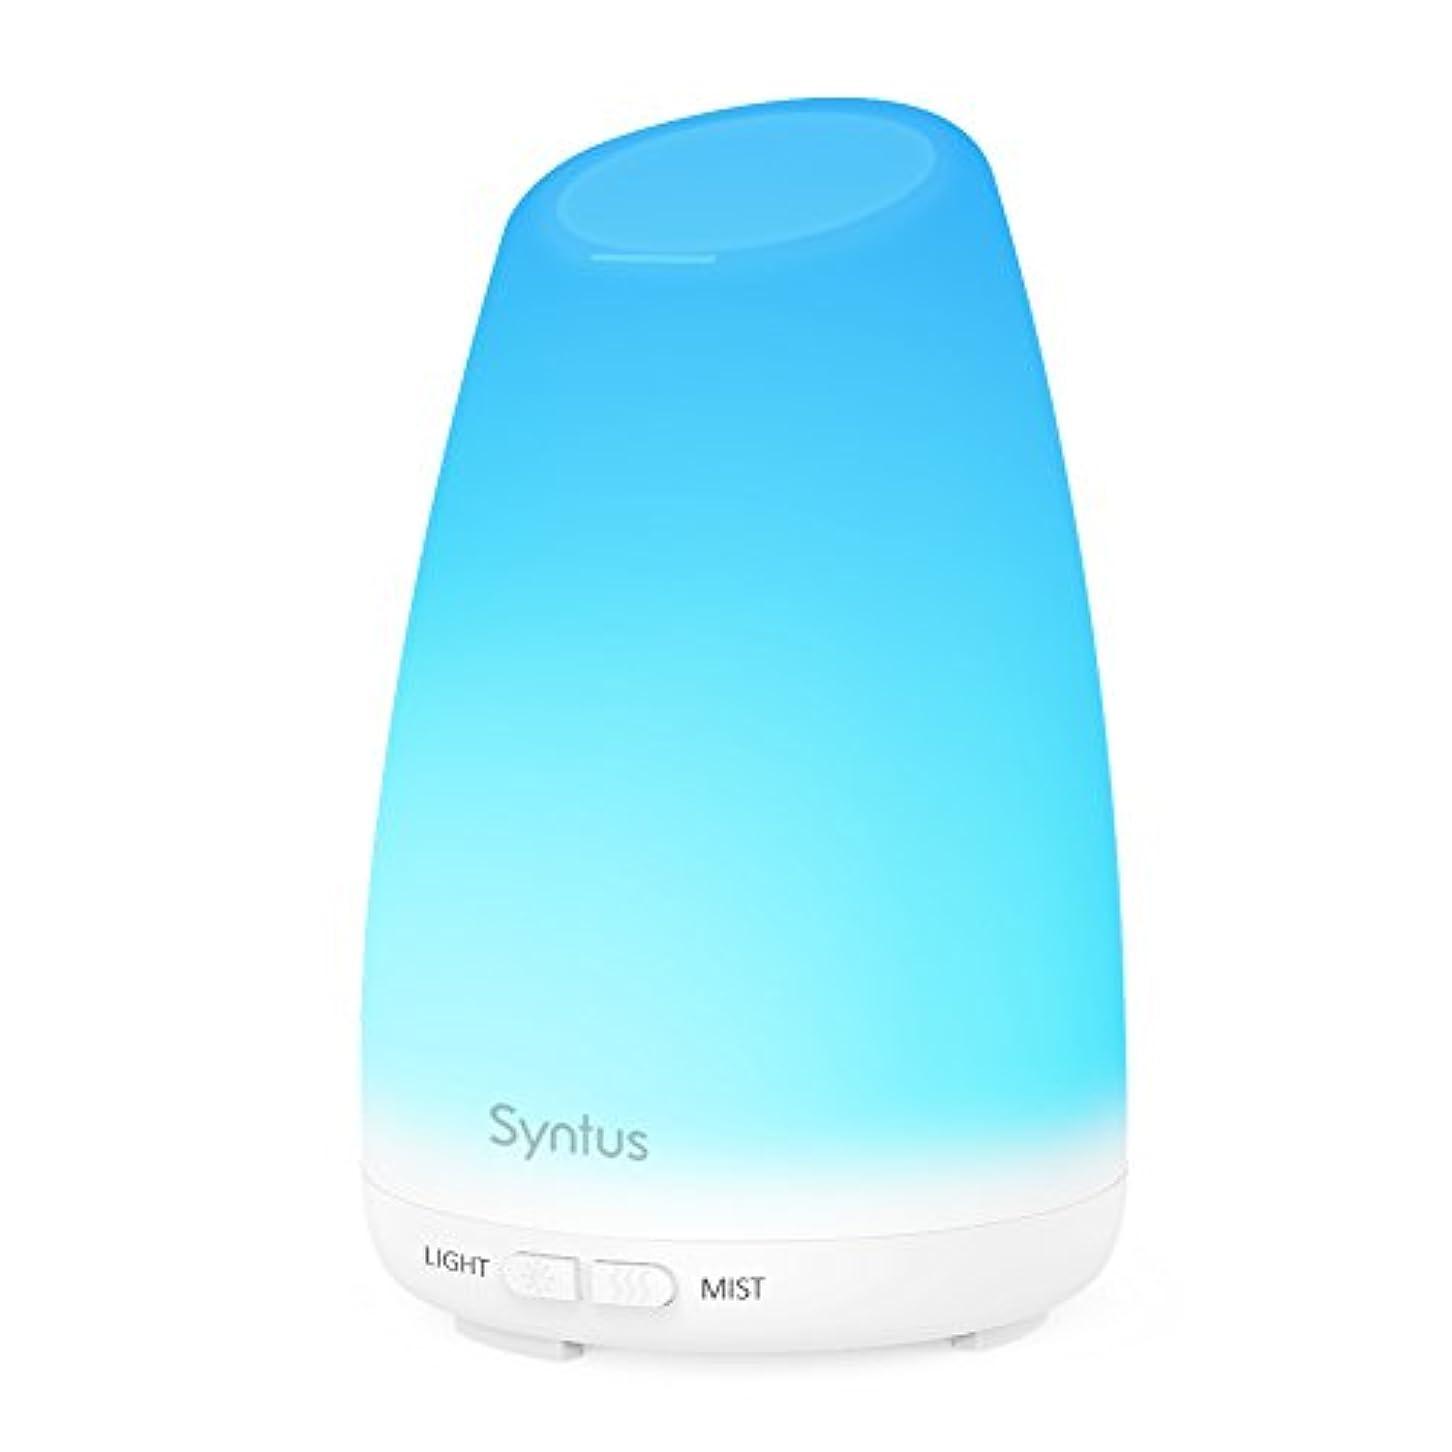 個人泥棒手足Syntus 150ml エッセンシャルオイルディフューザー ポータブル超音波式アロマセラピーディフューザー 7色に変わるLEDライト 変更可能なミストモード 水切れ自動停止機能